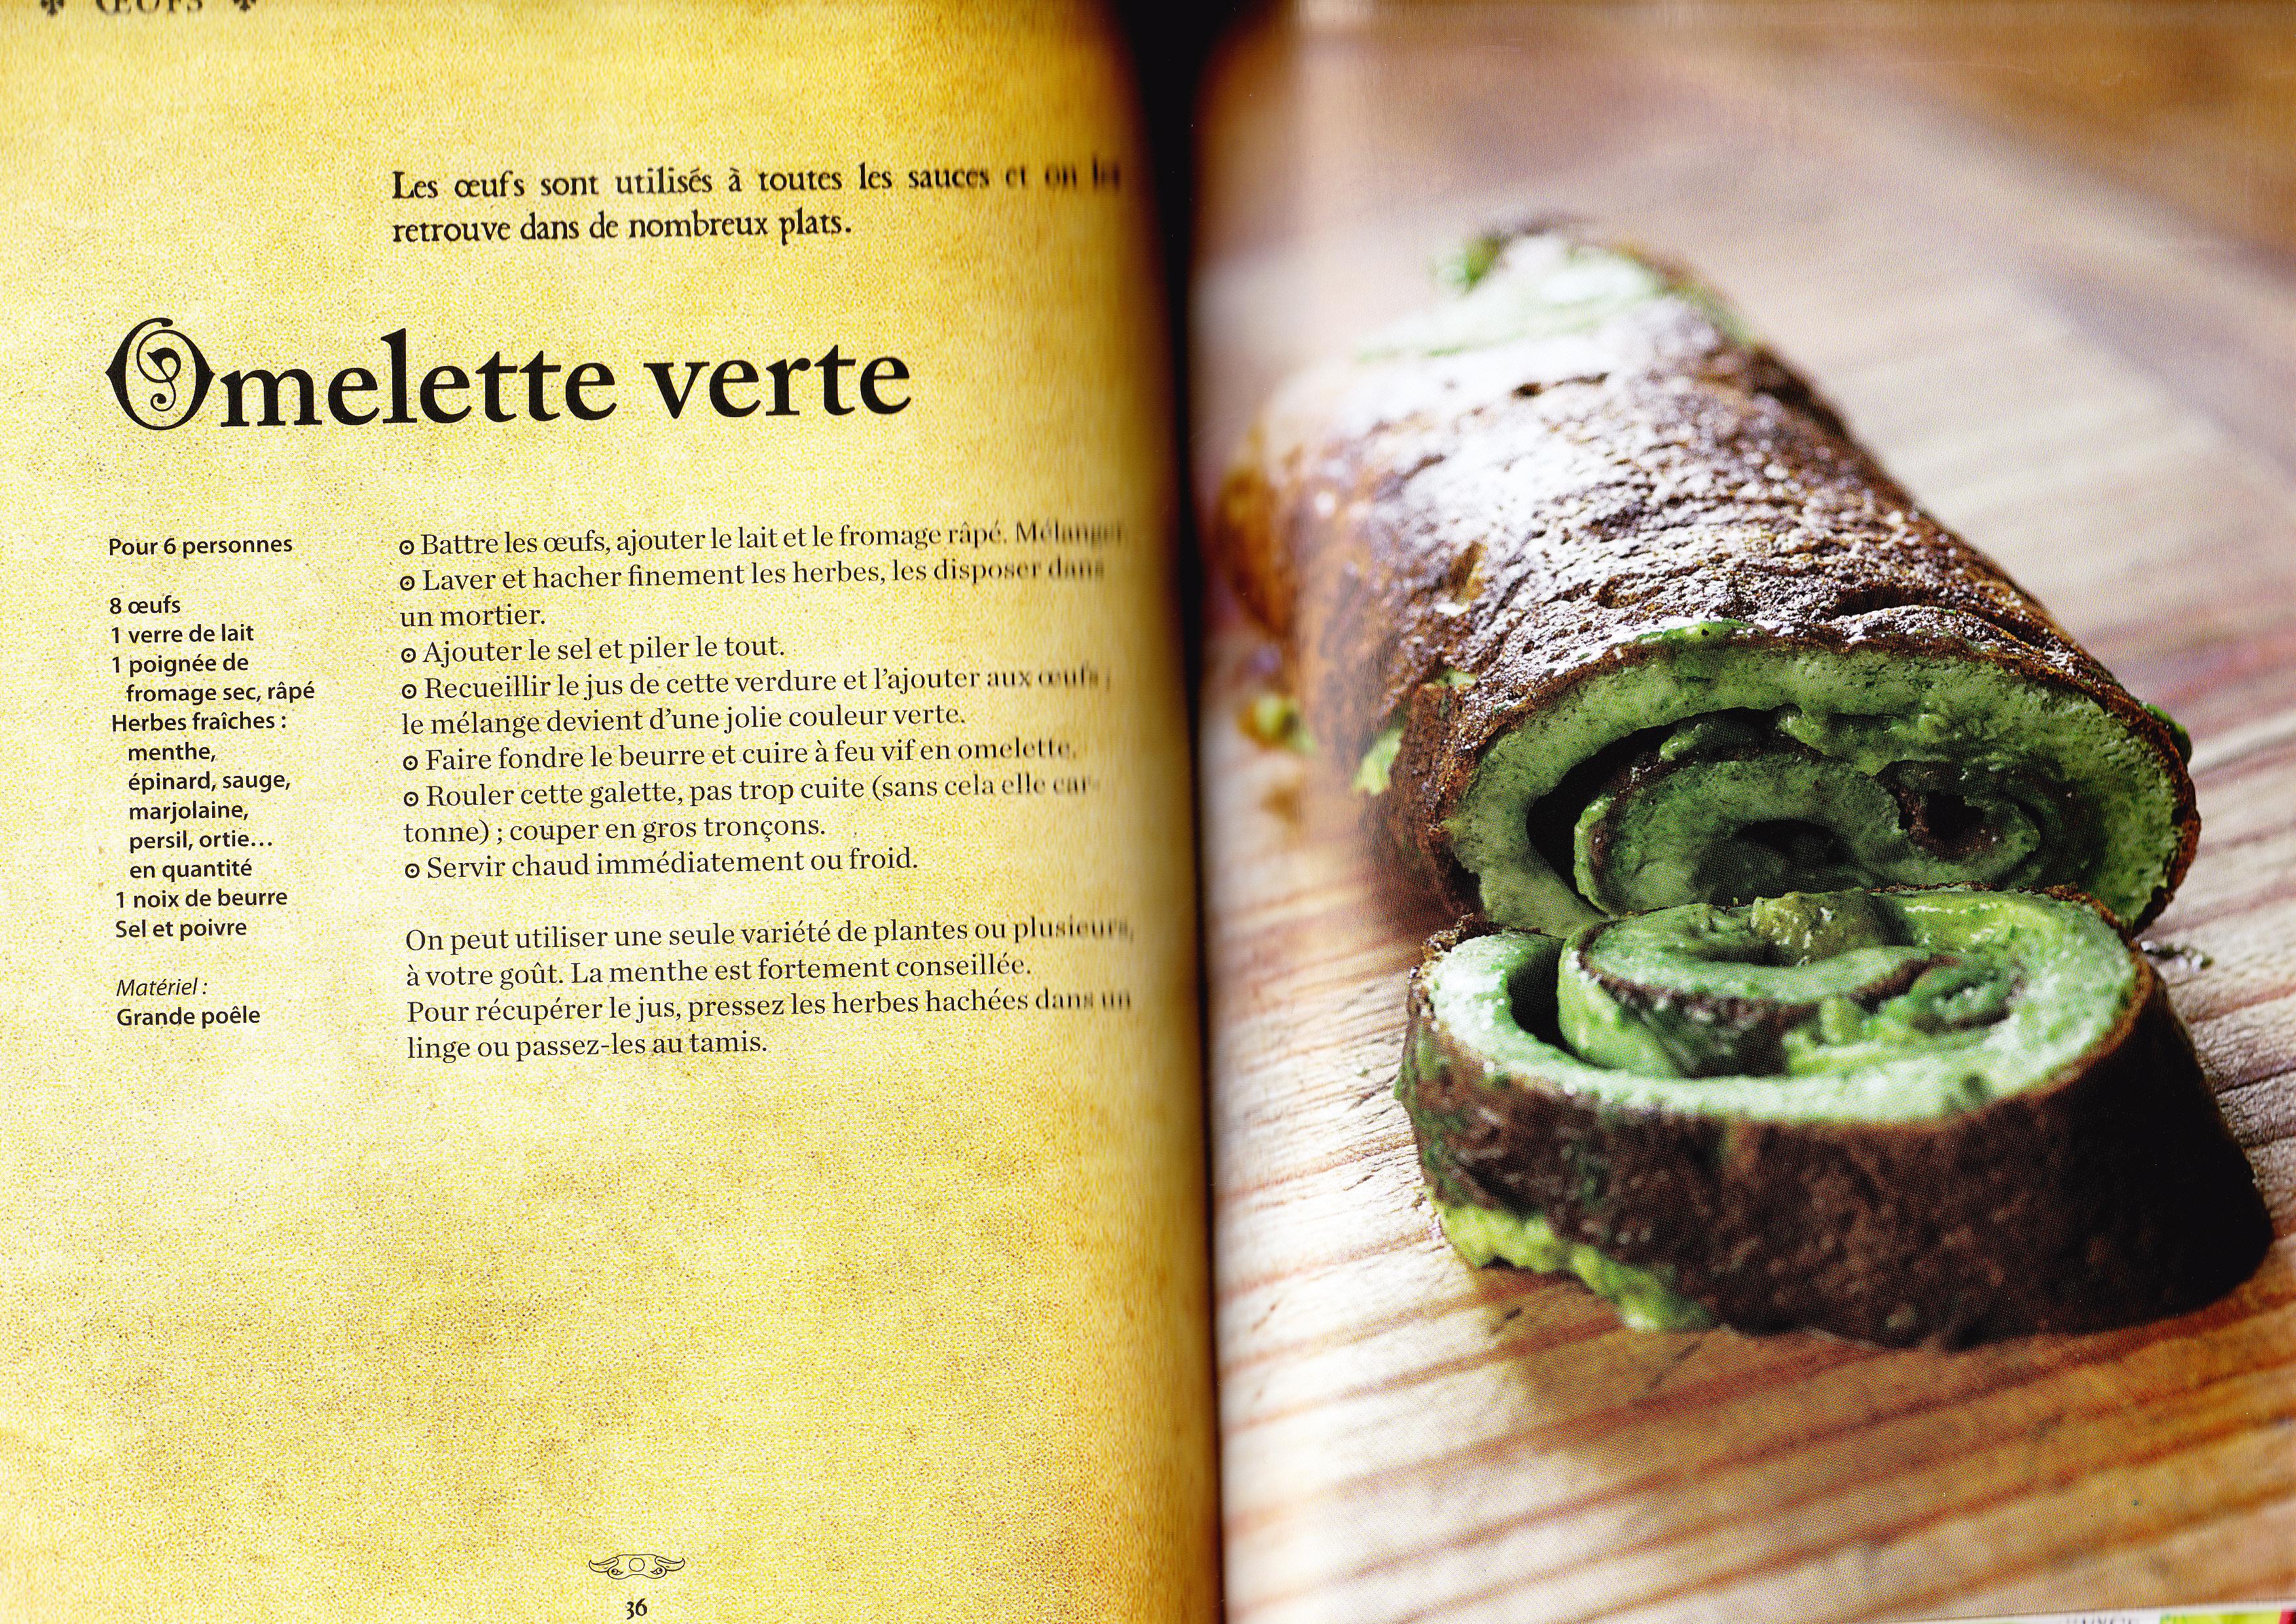 Exceptionnel Un repas historique au Moyen Age – par Françoise de Montmollin  BB69